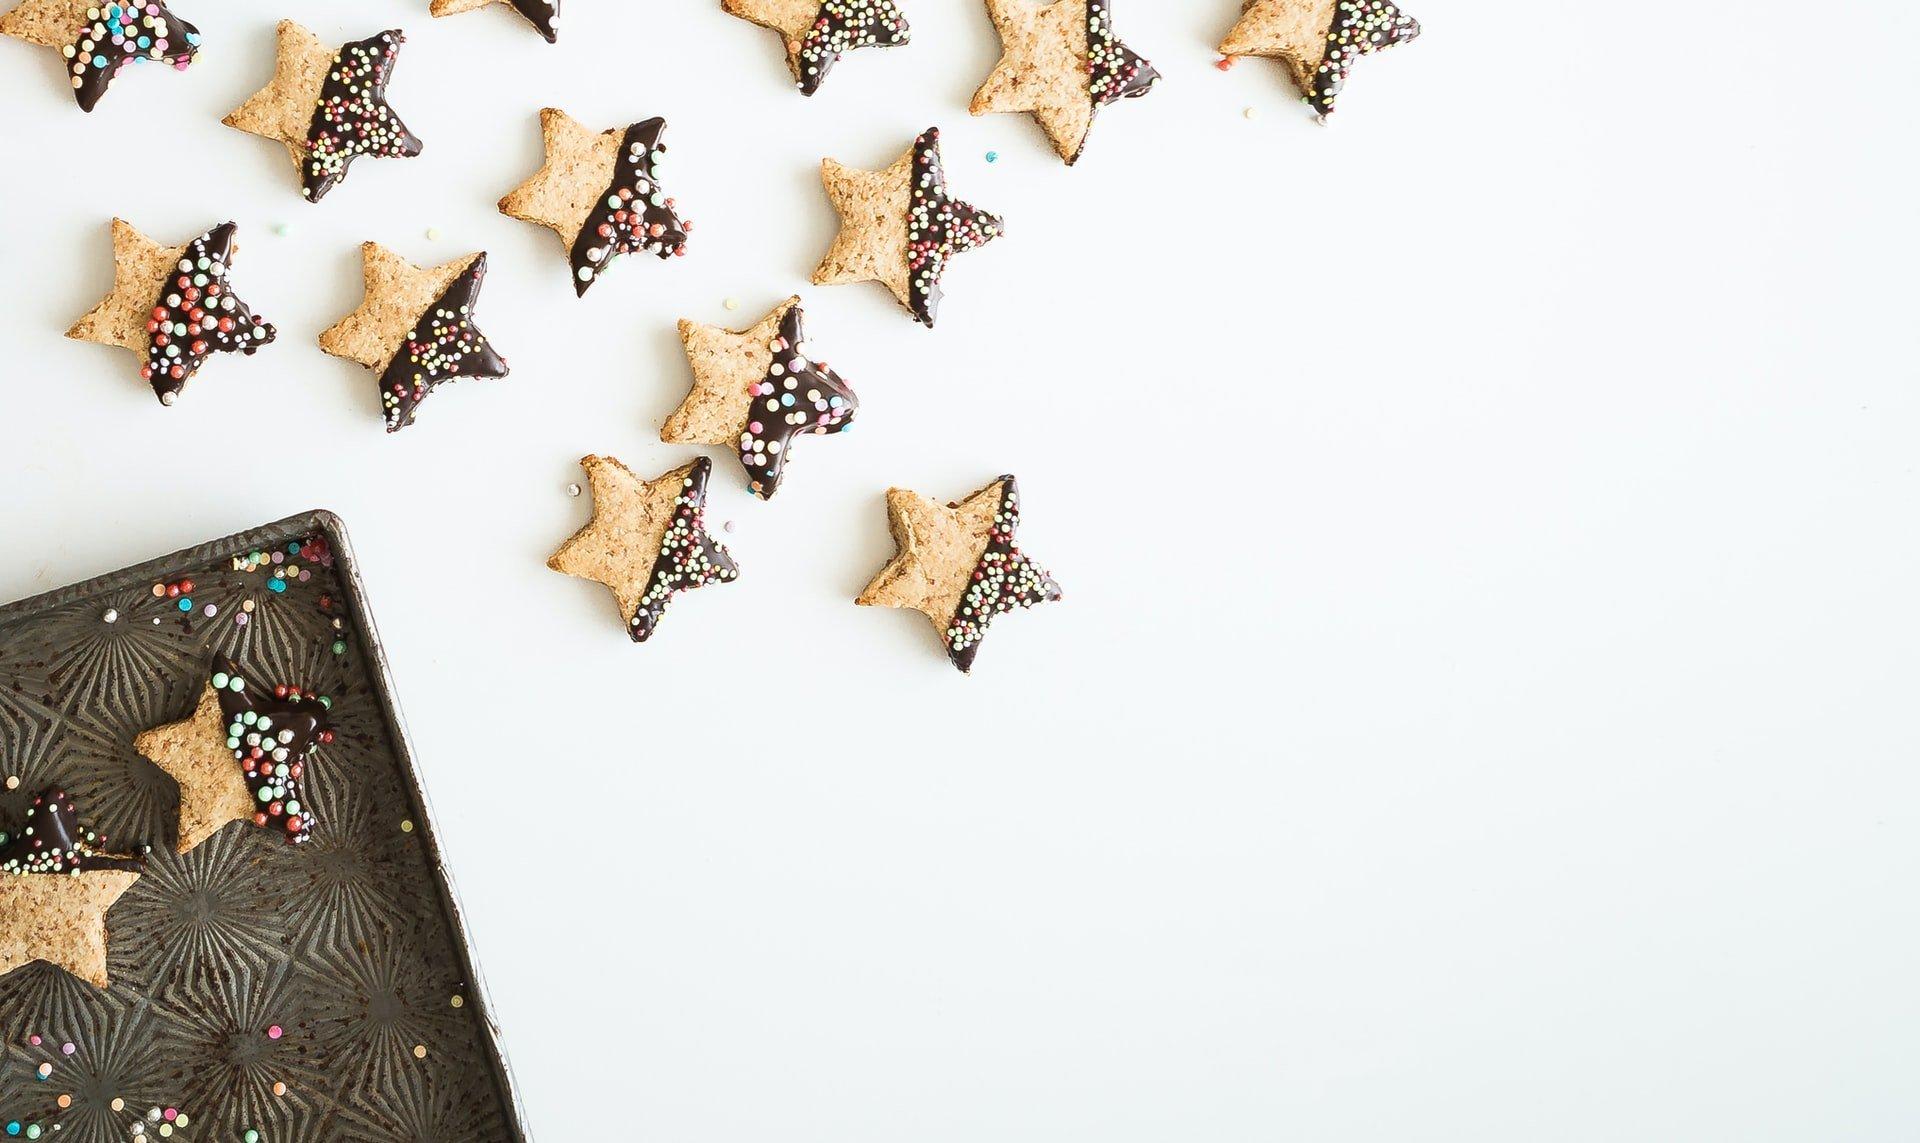 10 Wege um Weihnachten gesünder zu machen